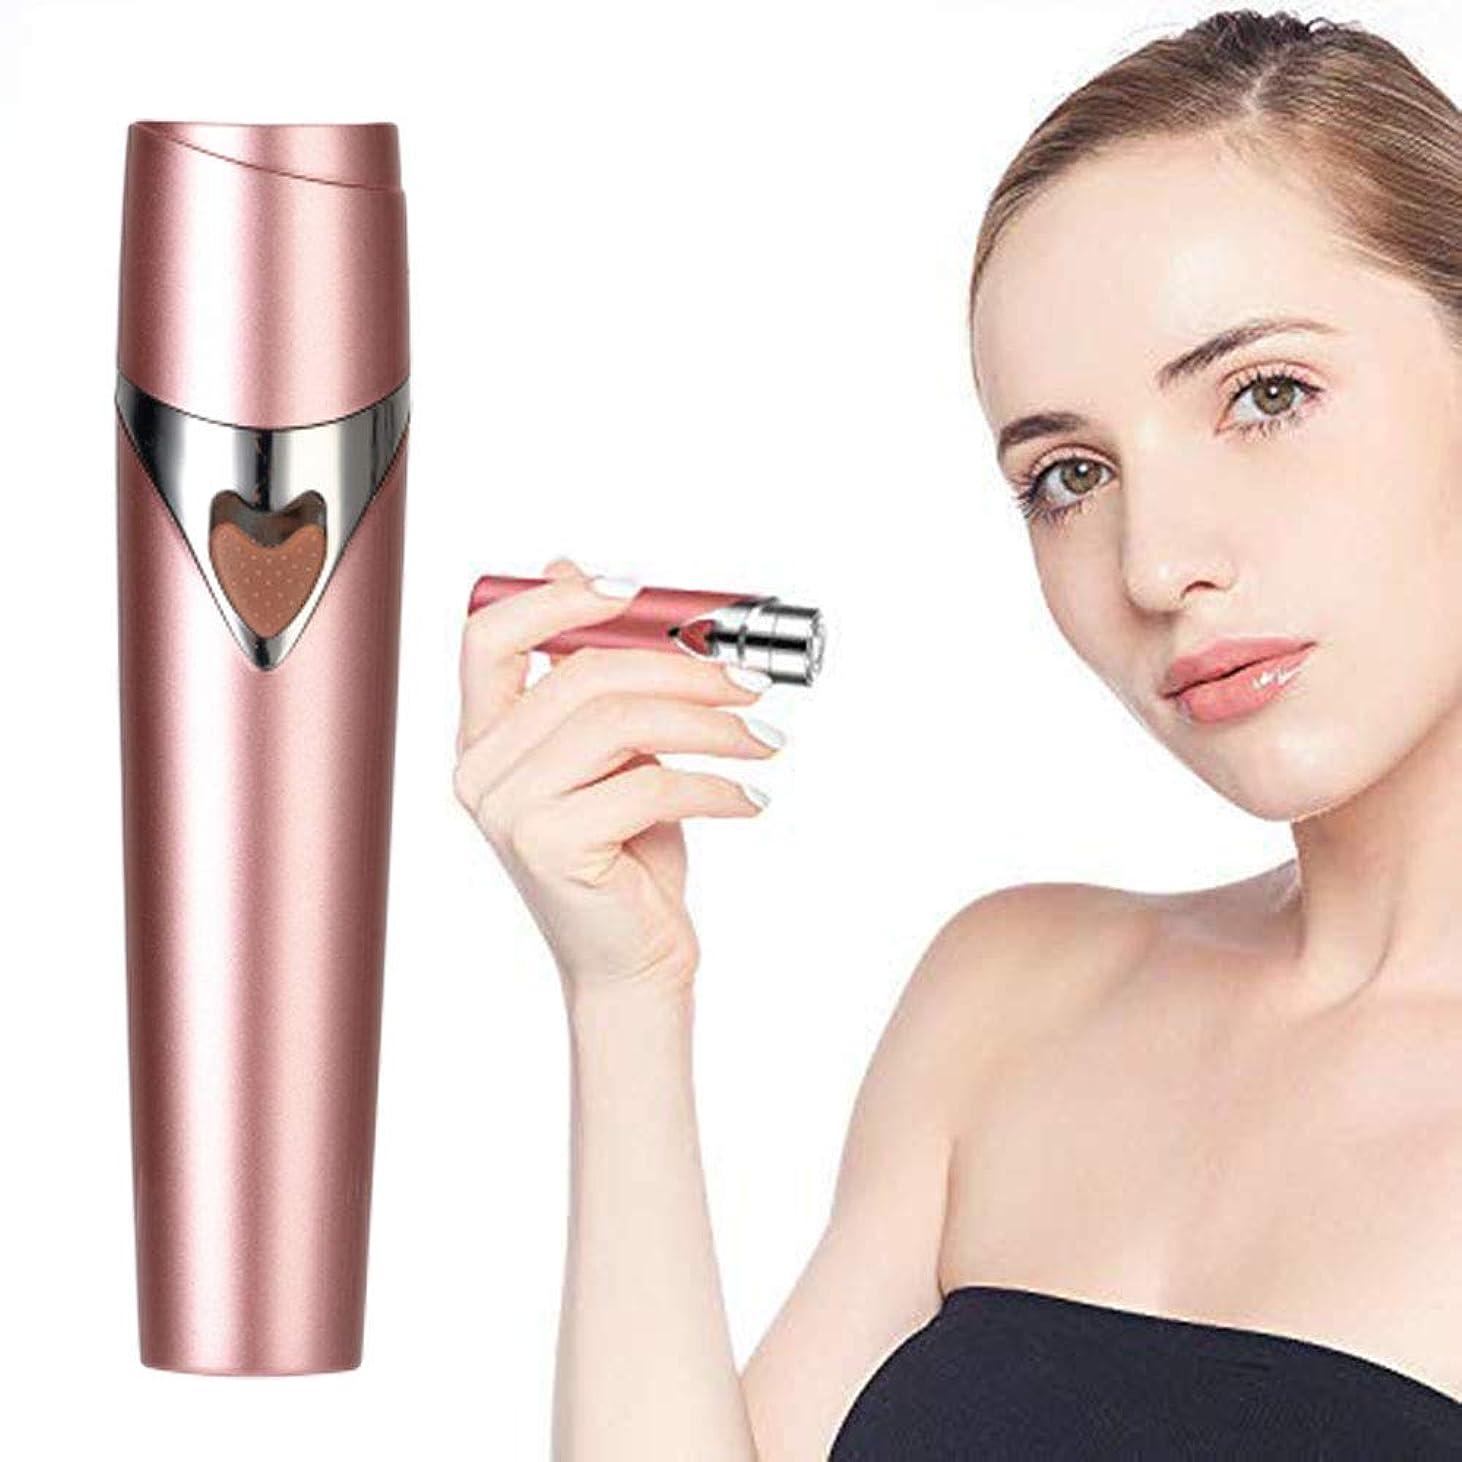 渇き組み合わせ職業顔の毛の除去剤、小型電気脱毛剤かみそりの毛の除去剤、顔、上唇、あご、頬およびボディ、痛みのない毛のトリマー、携帯用毛かみそりの脱毛剤